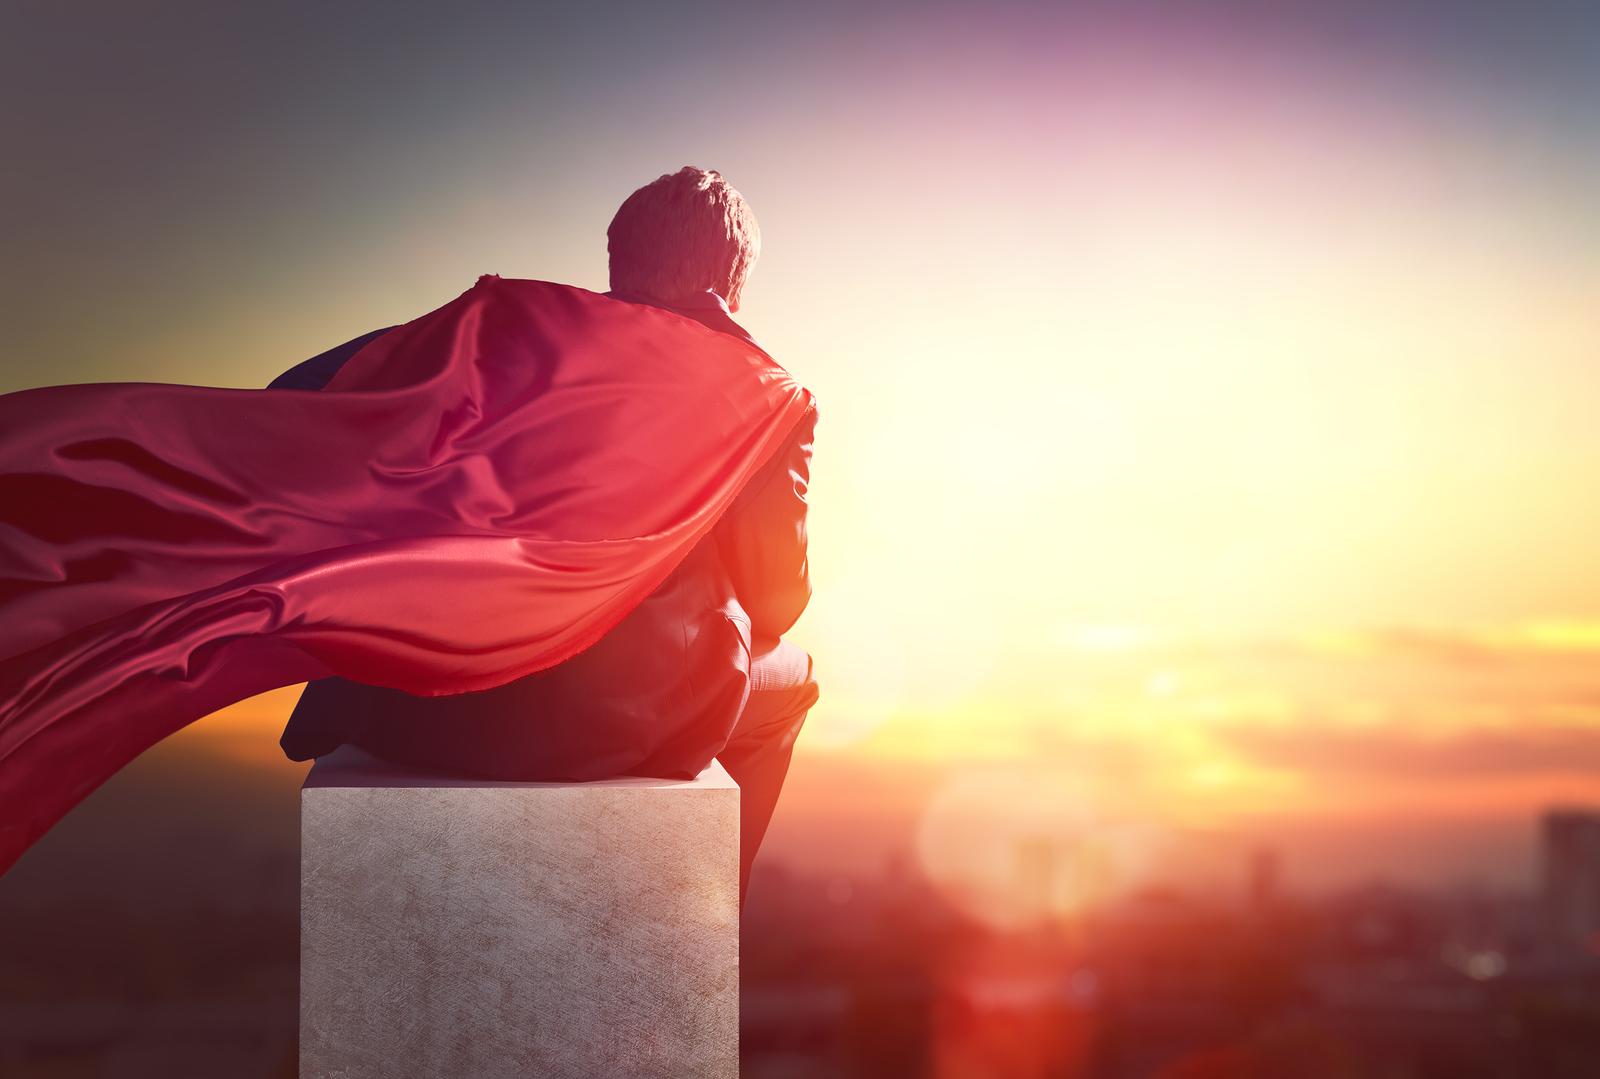 Bakjac-superhero-businessman-looking--117477611.jpg